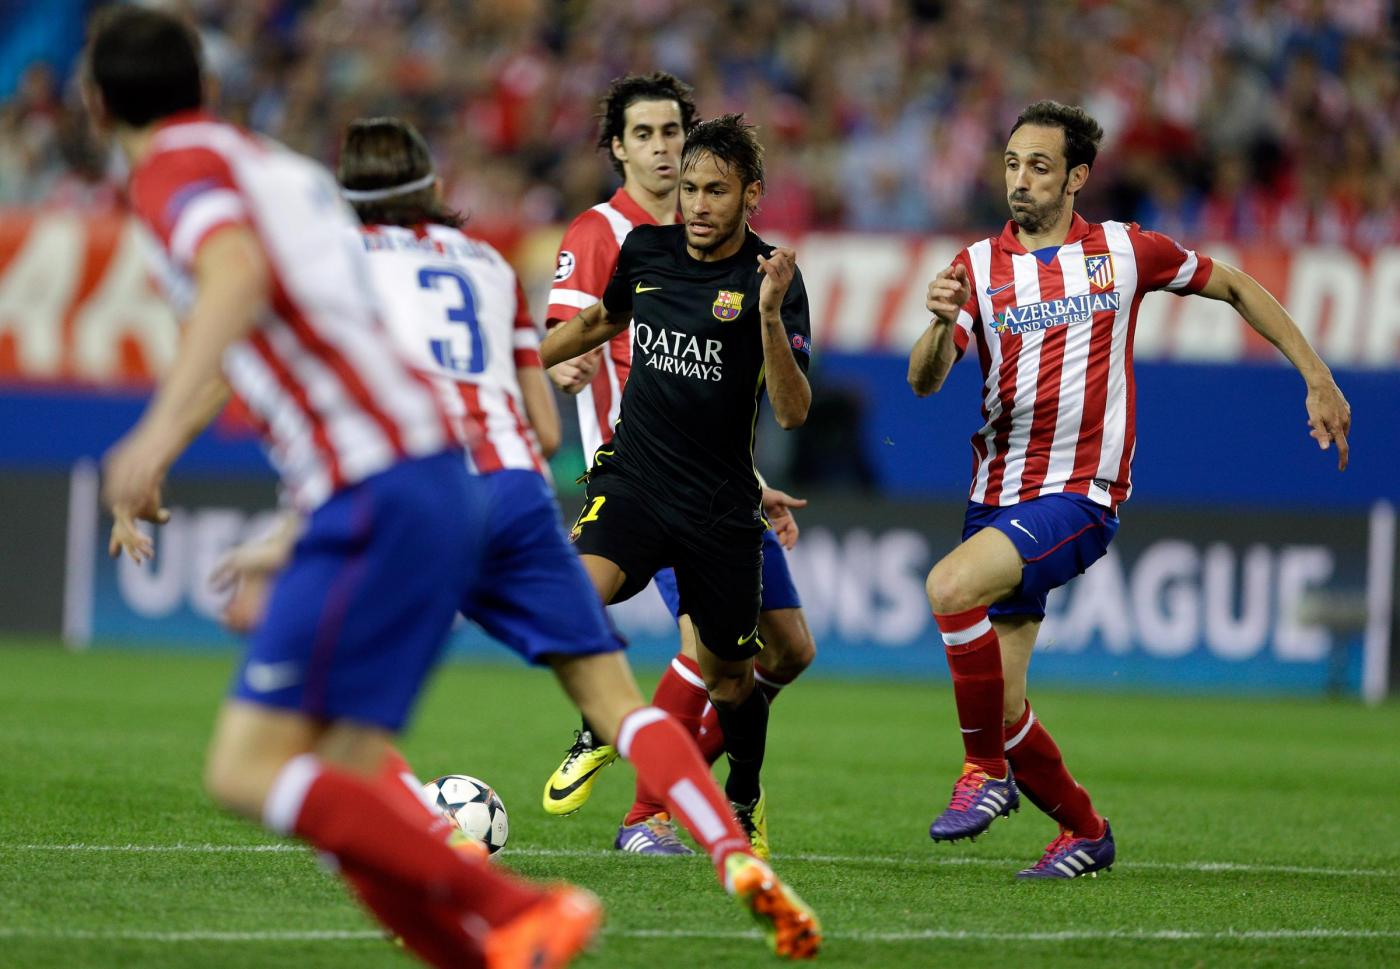 Barcellona vs Atletico Madrid in streaming: dove seguire la partita